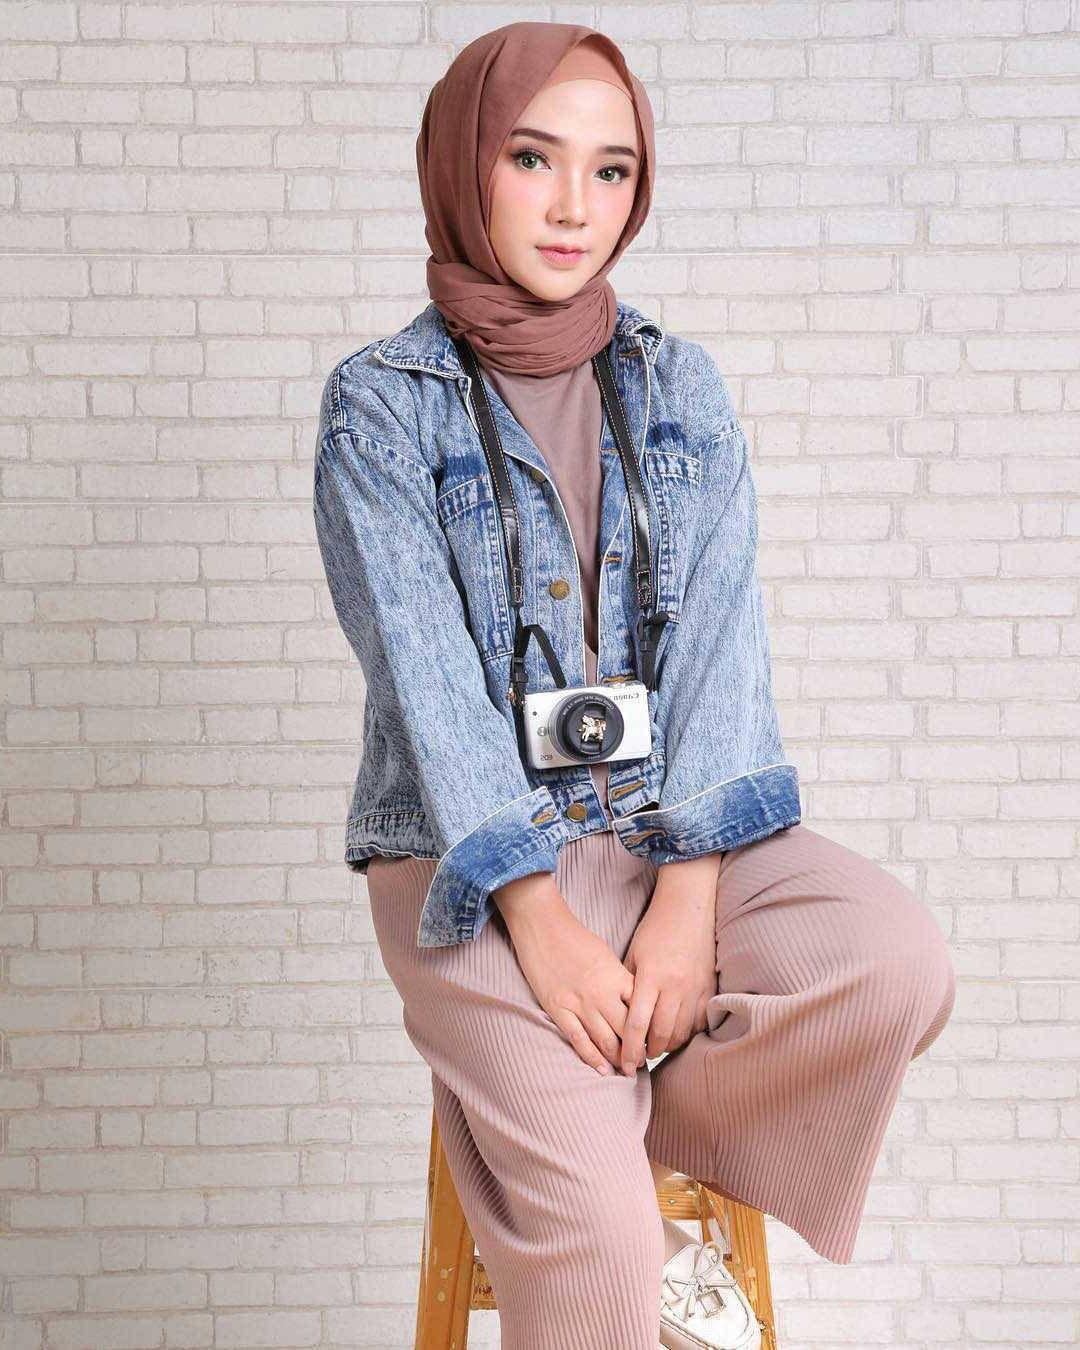 Bentuk Trend Warna Baju Lebaran 2018 S1du 18 Trend Model Baju Hijab 2018 Terbaru Desain Casual & Modern